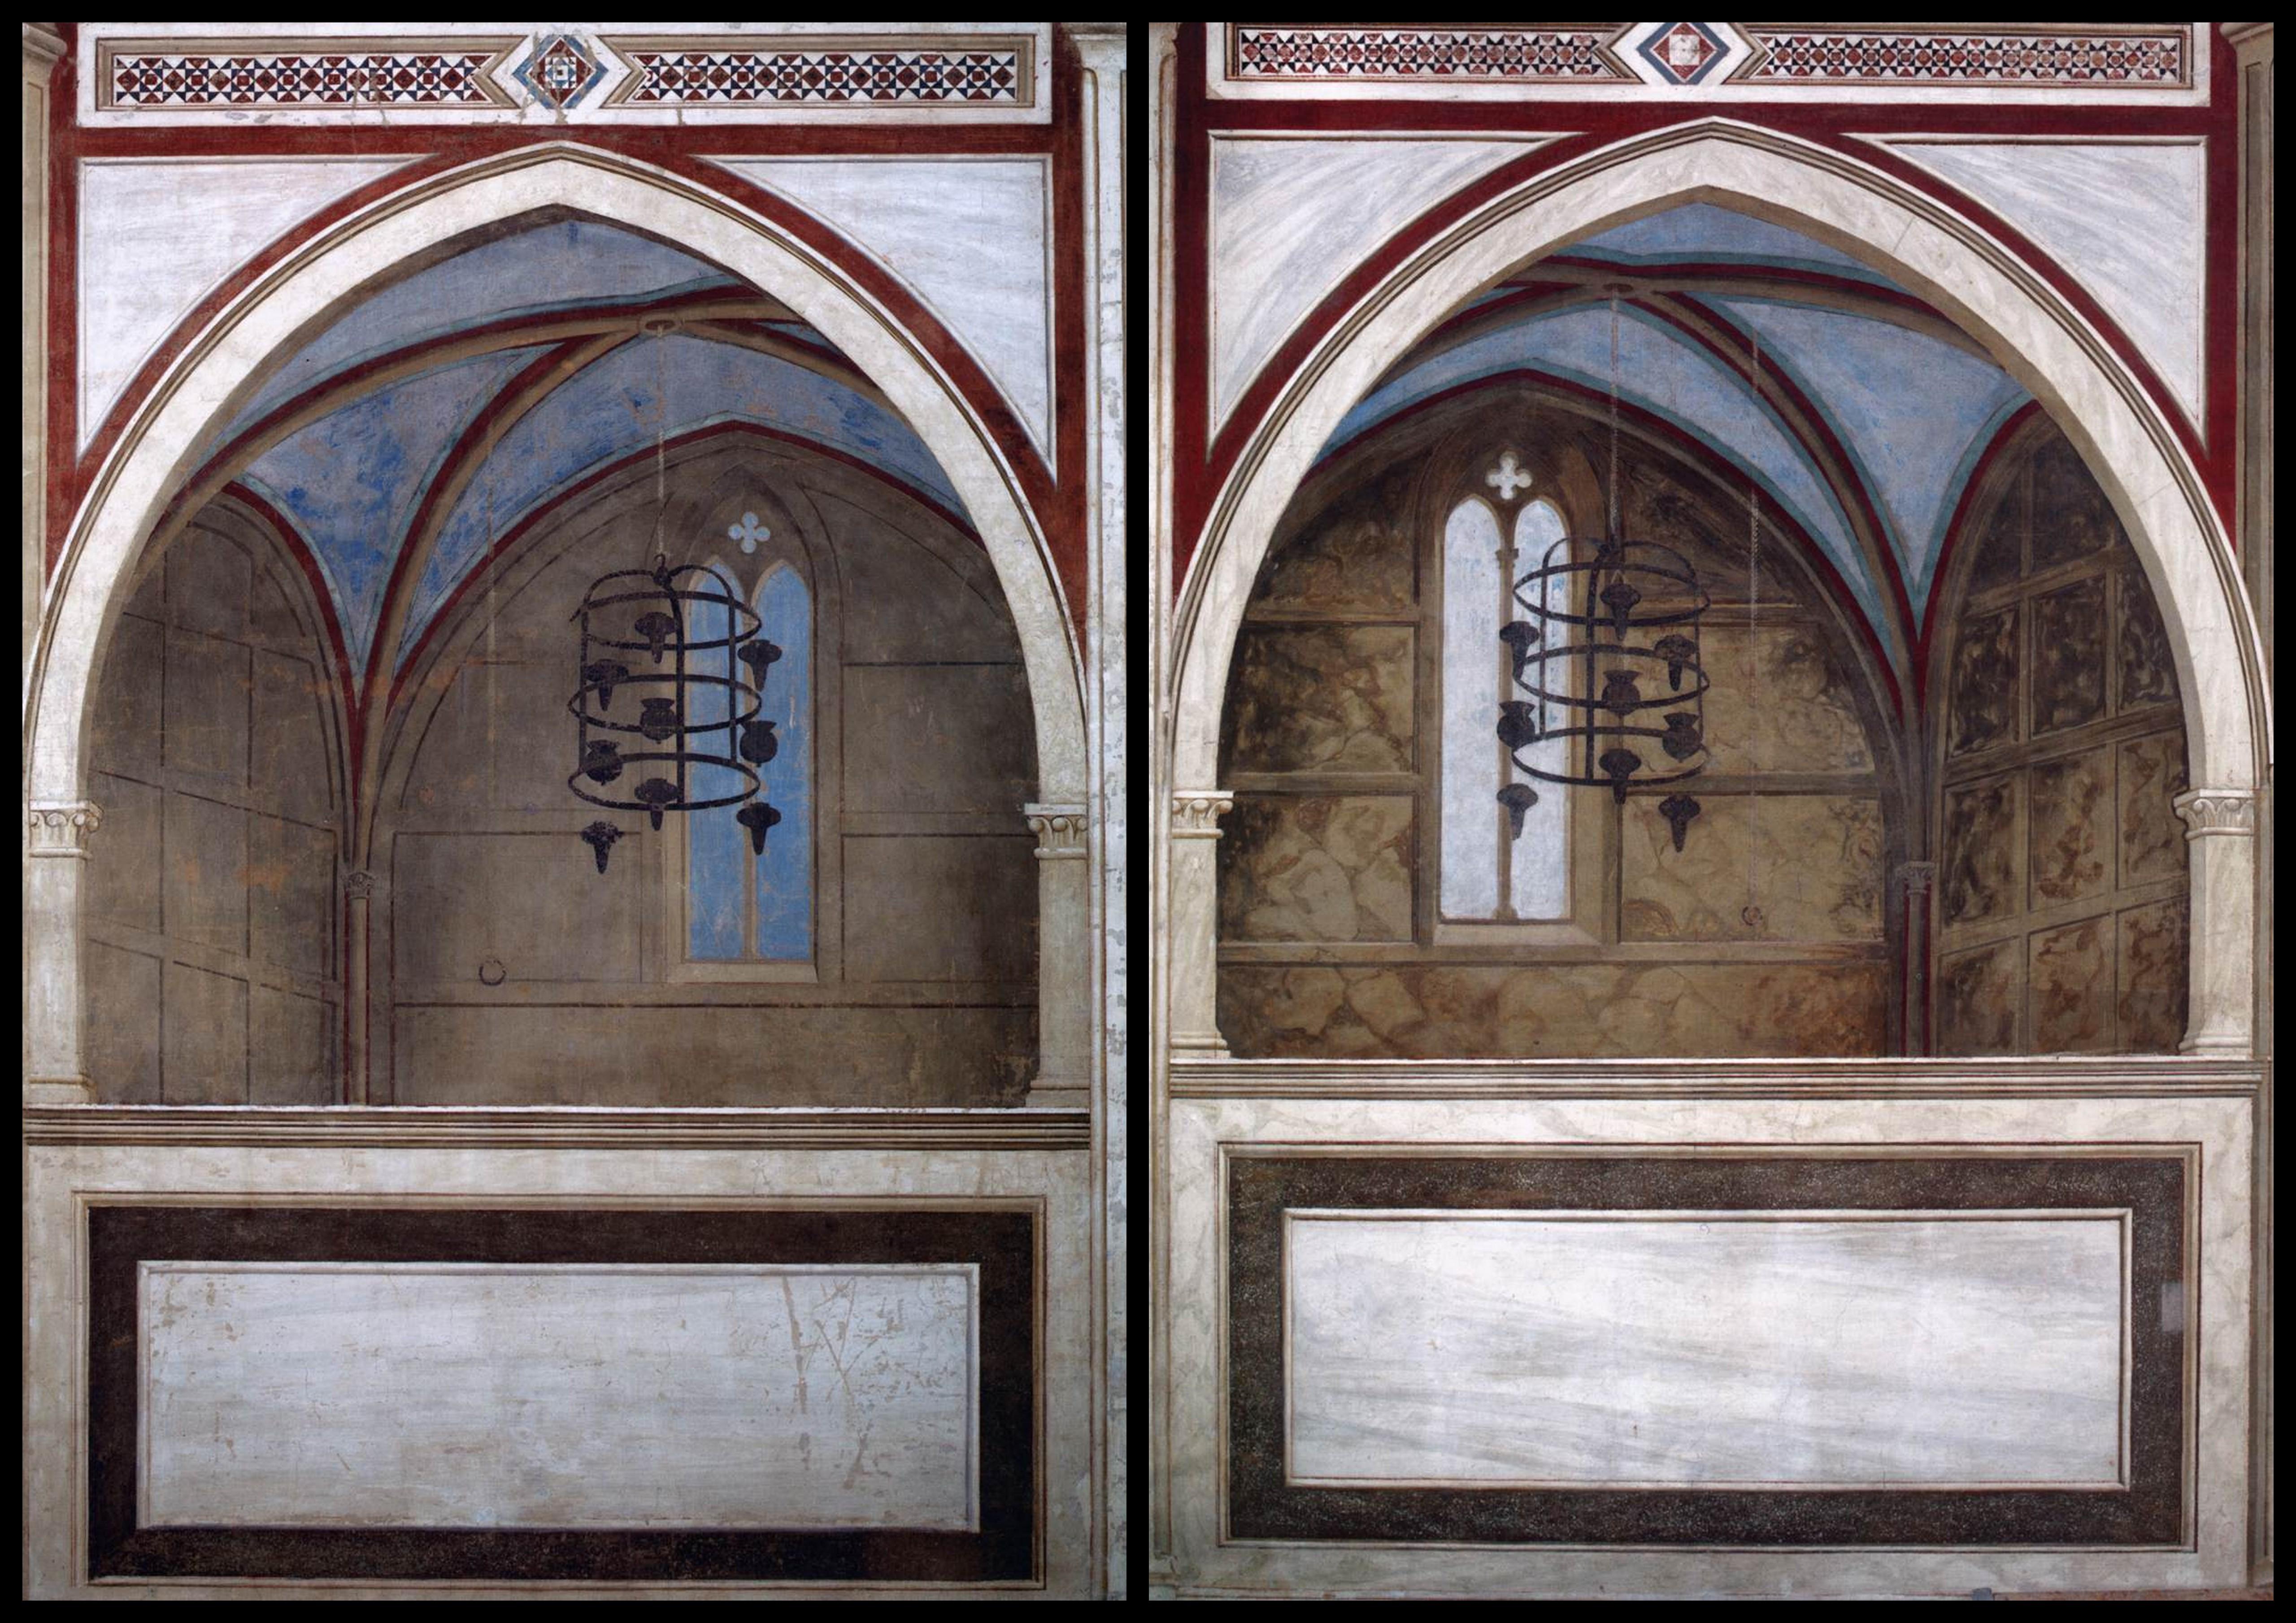 I due coretti dipinti nella cappella degli Scrovegni